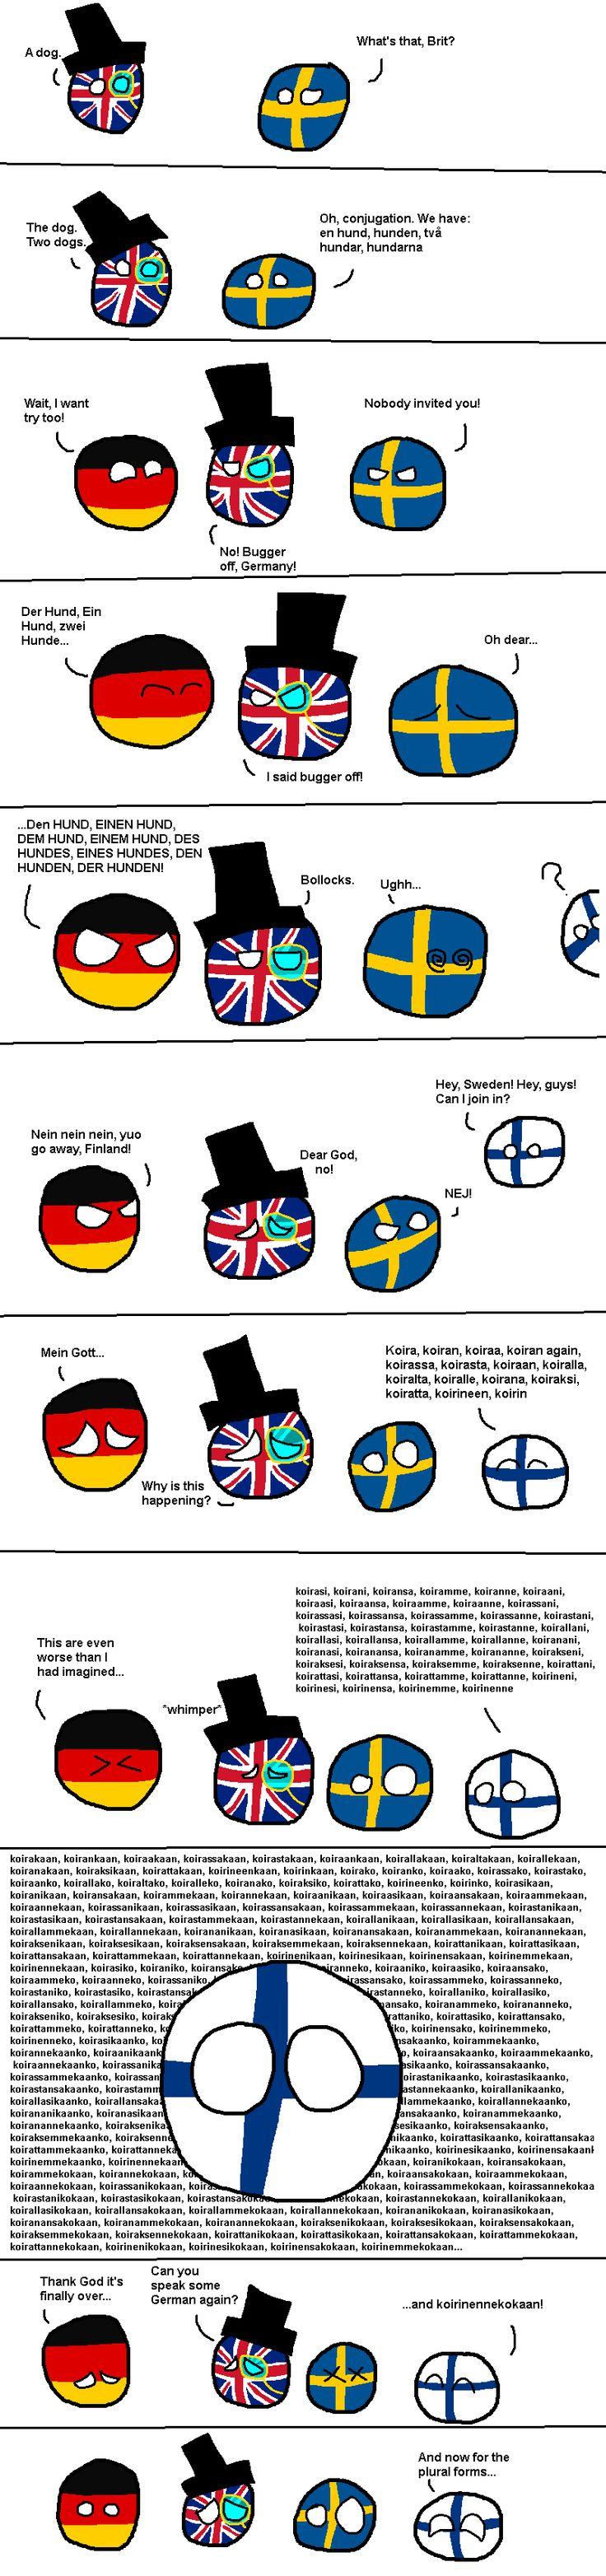 Alles ist relativ… keine Angst vor deutscher Grammatik – es gibt Schlimmeres !